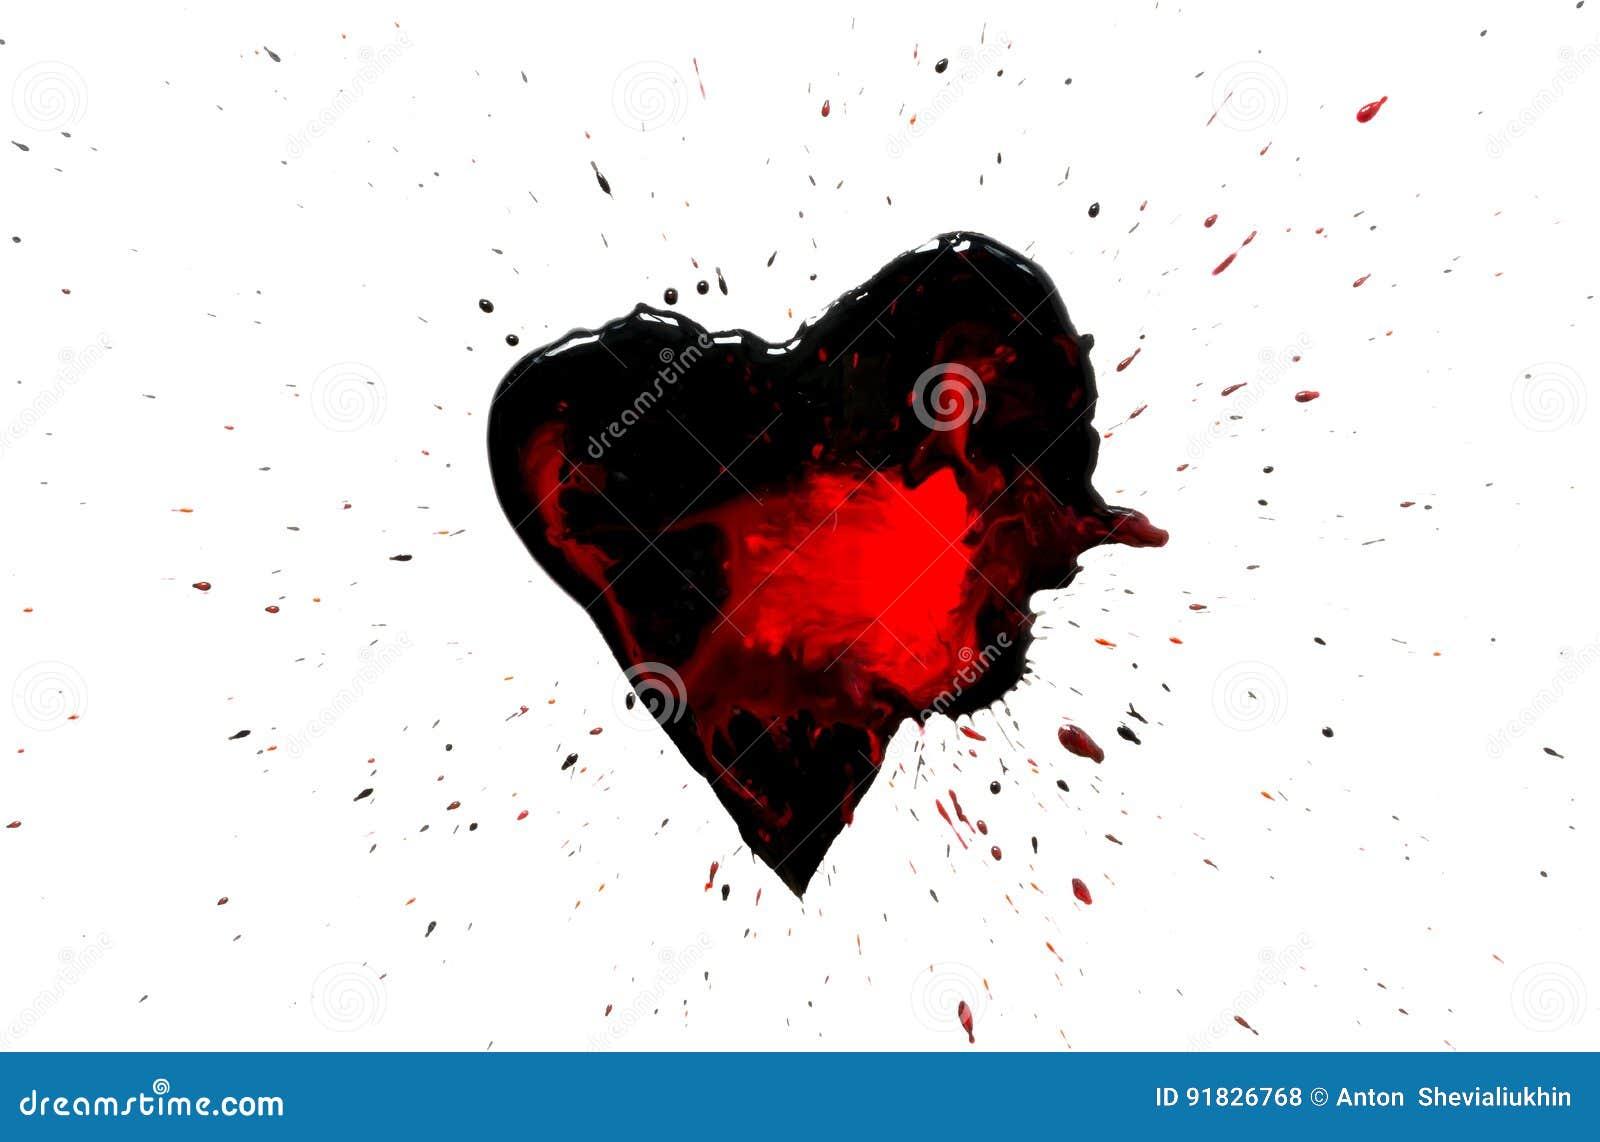 Svart hjärta med röda droppar och svart målarfärgsprej runt om isolerat